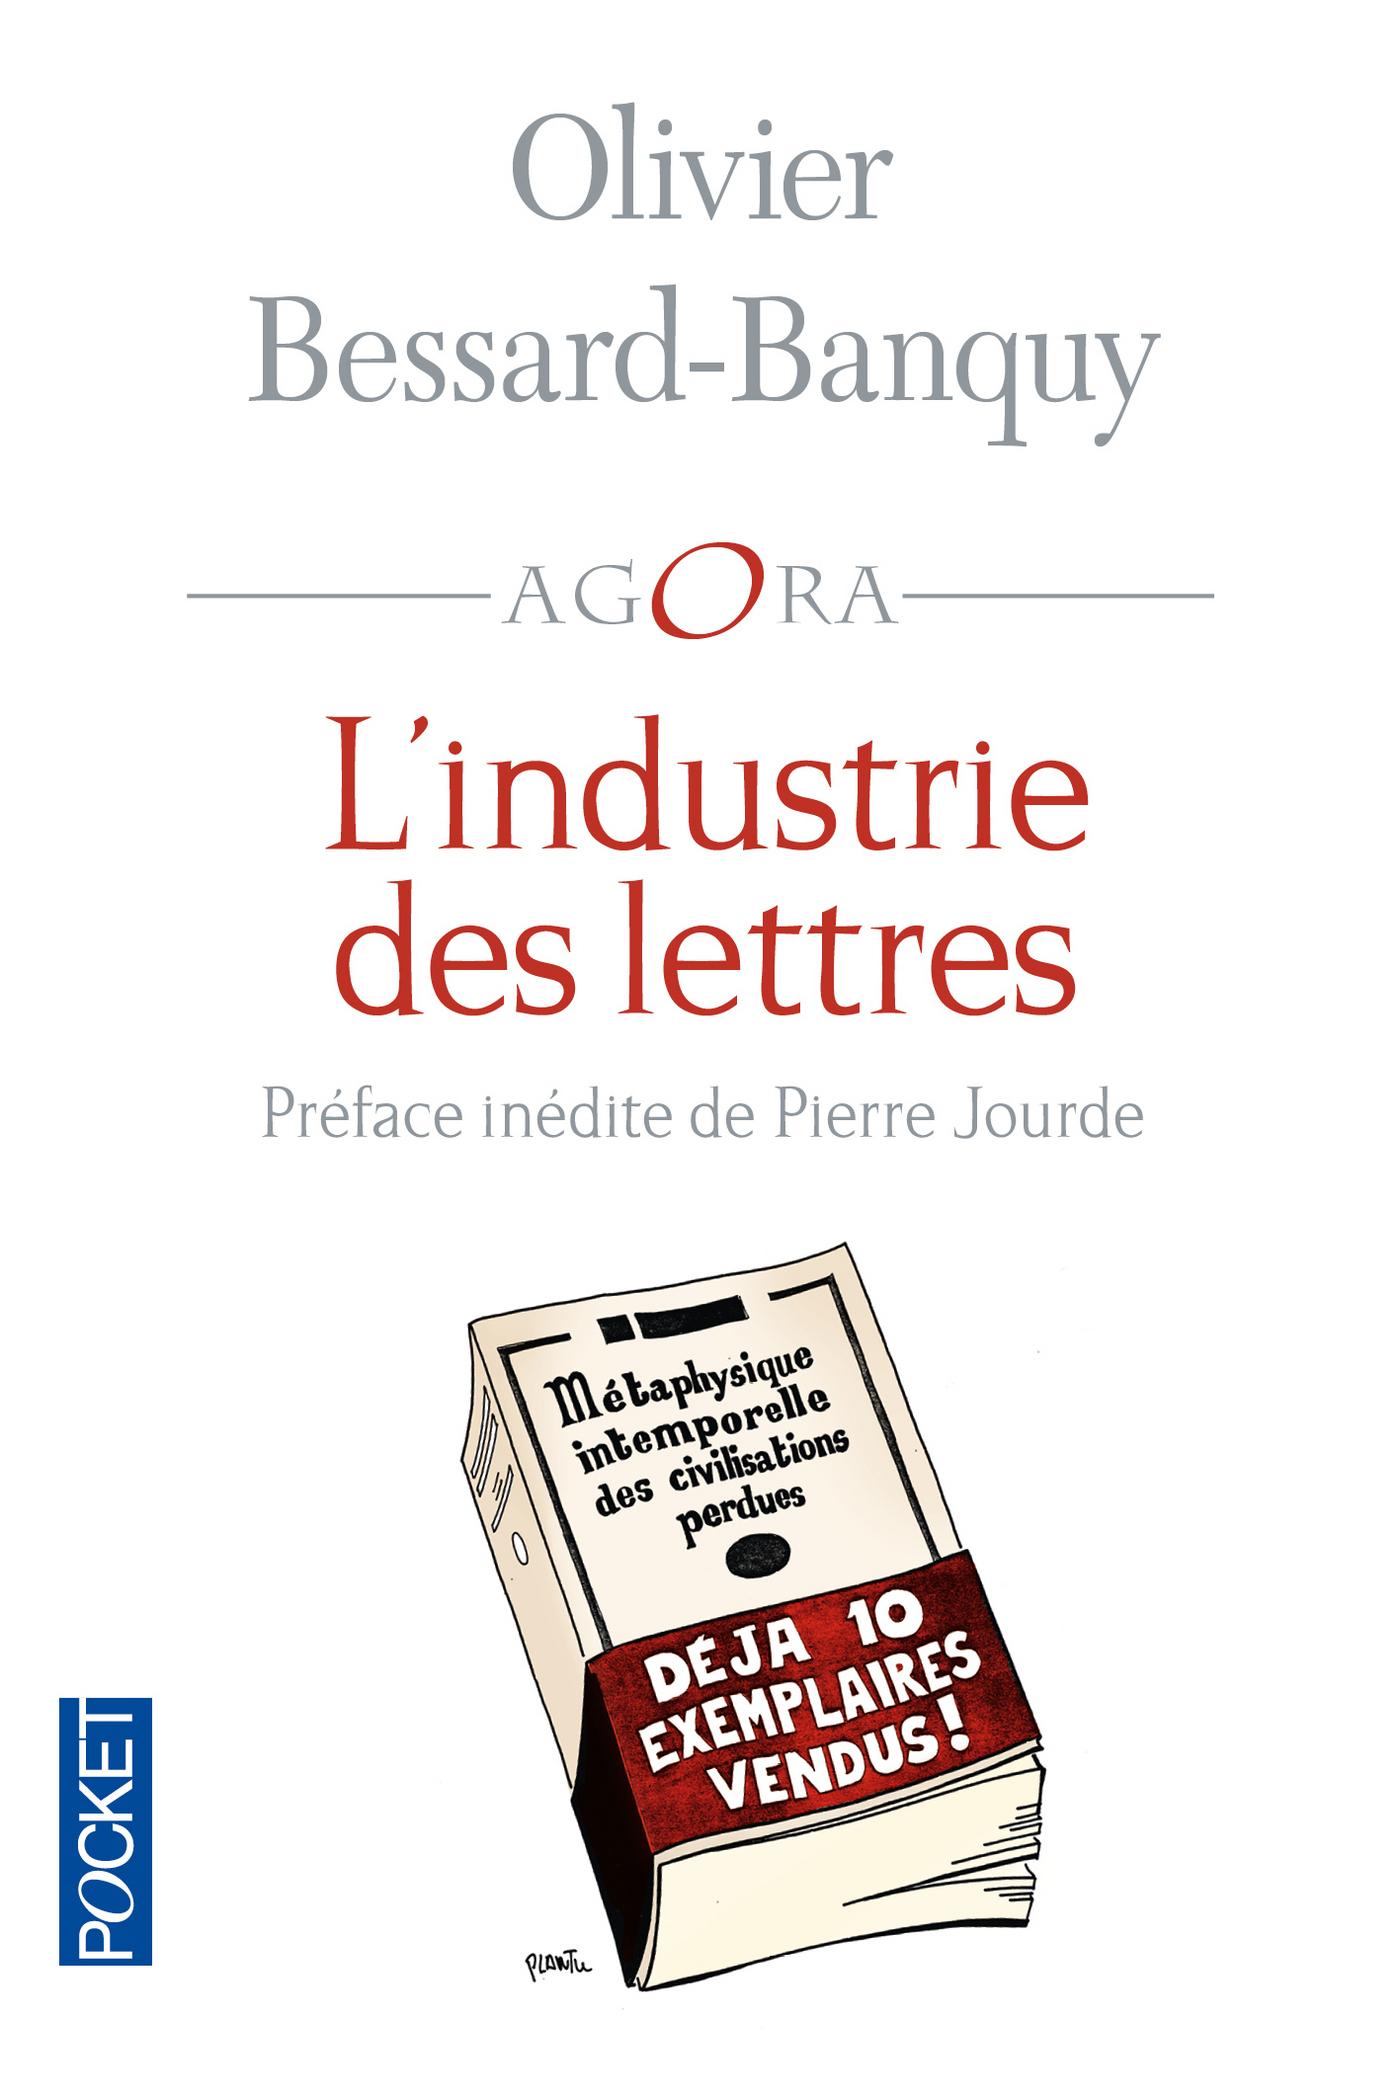 L'industrie des lettres (ebook)